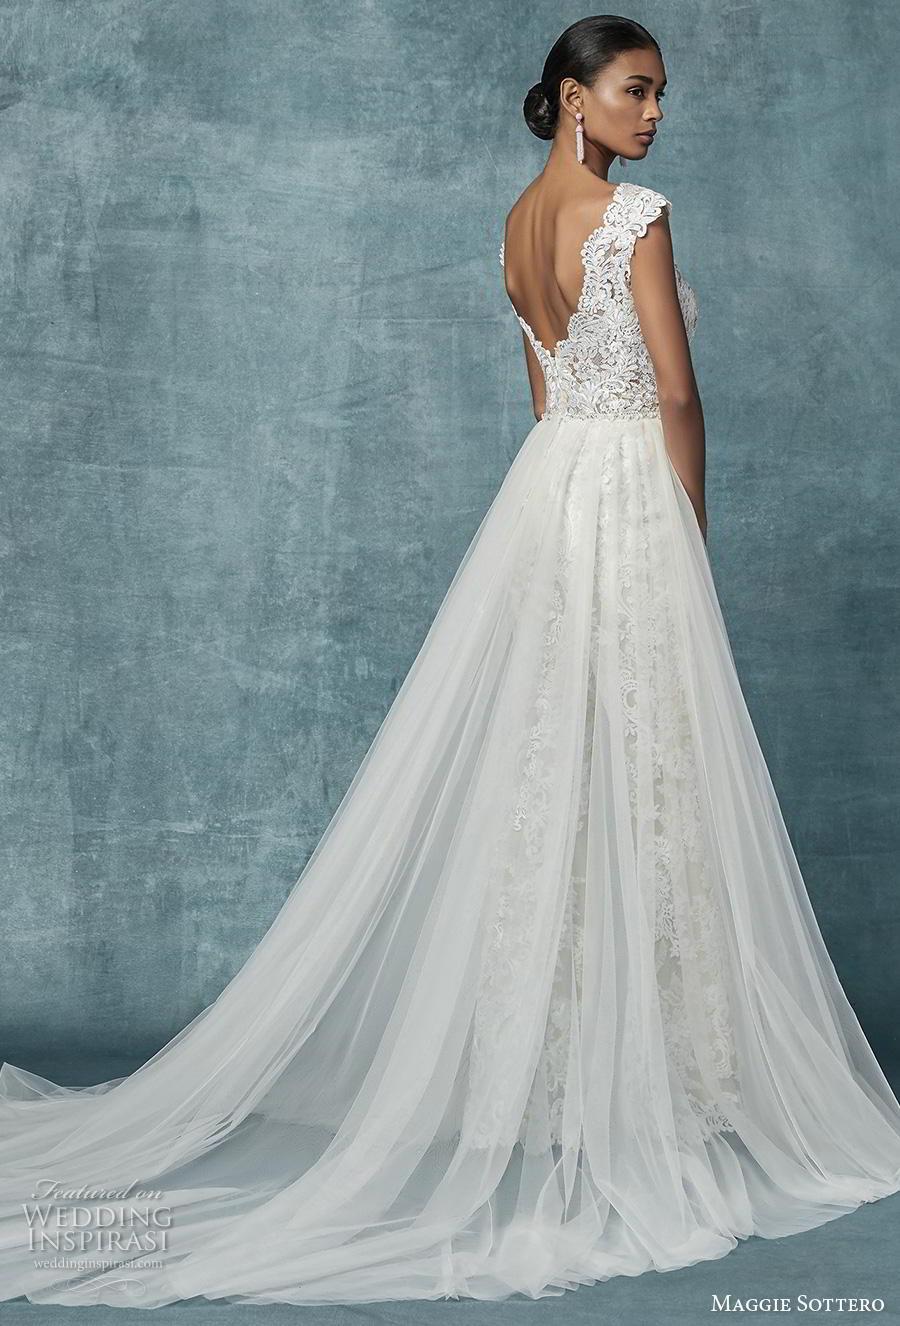 maggie sottero spring 2019 bridal cap sleeves v neck full embellishment modern romantic jumpsuit wedding dress a  line overskirt v back chapel train (21) bv